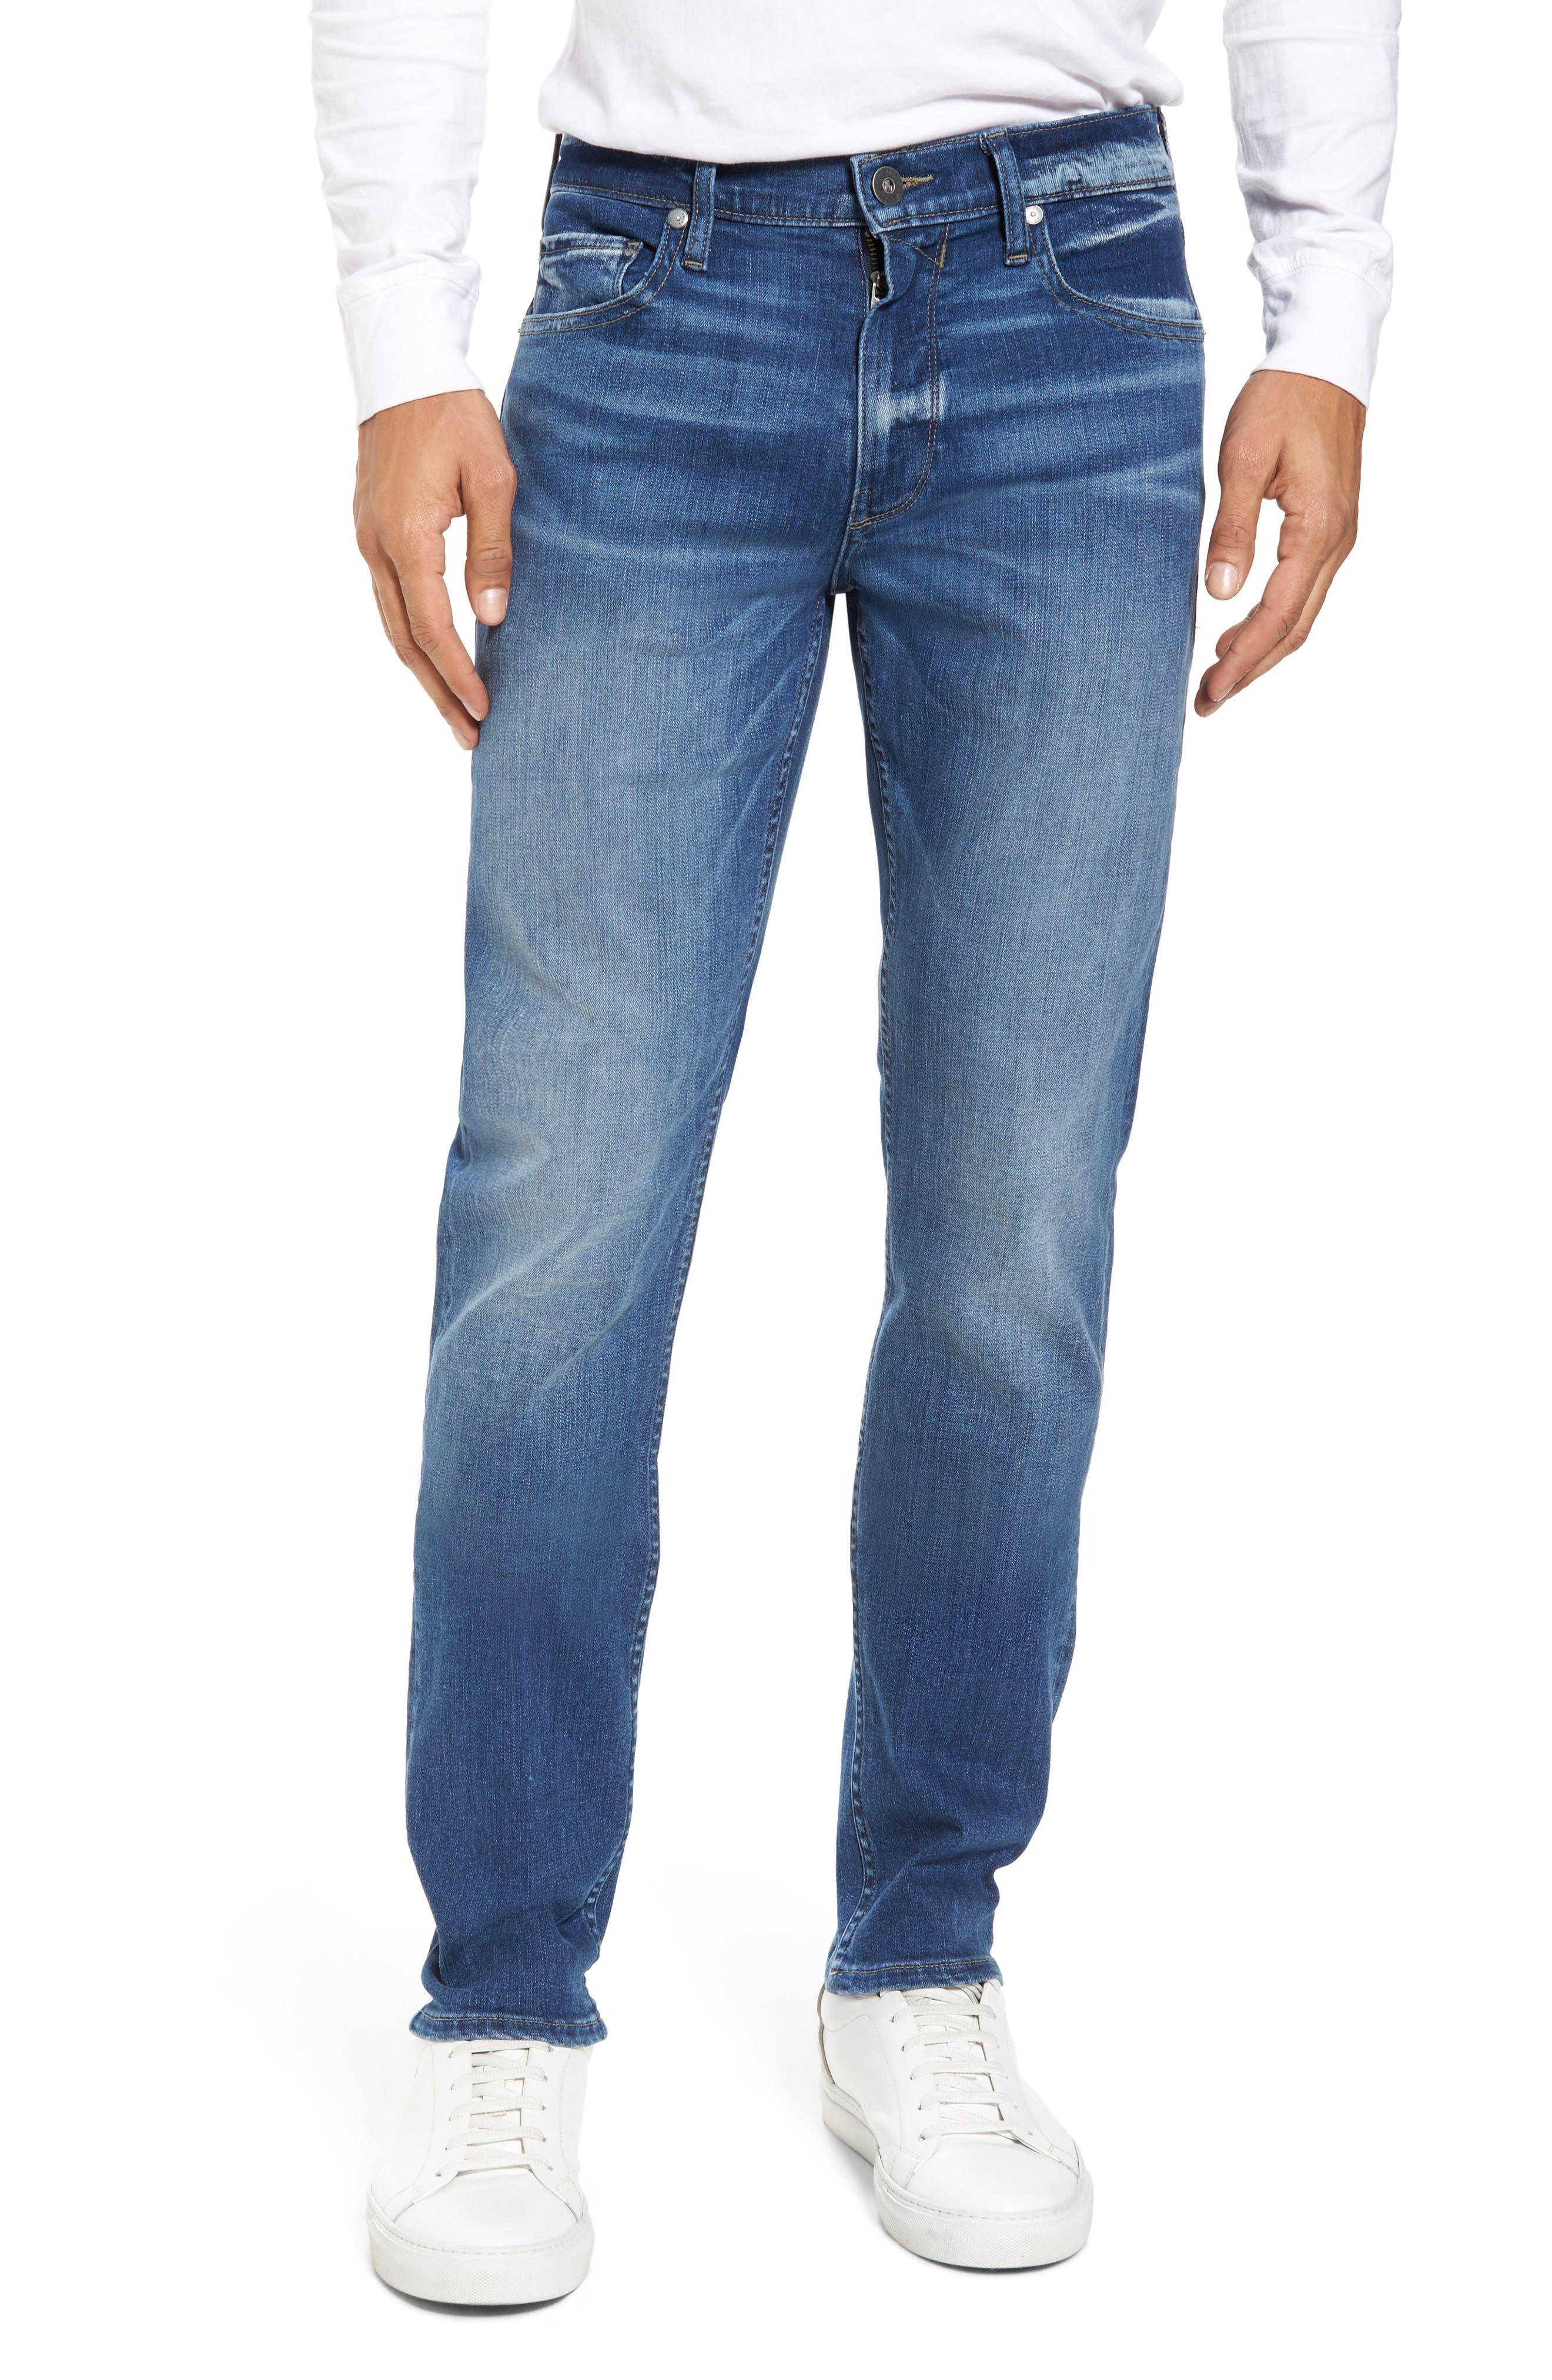 PAIGE, Transcend - Lennox Slim Fit Jeans, Main thumbnail 1, color, MULHOLLAND